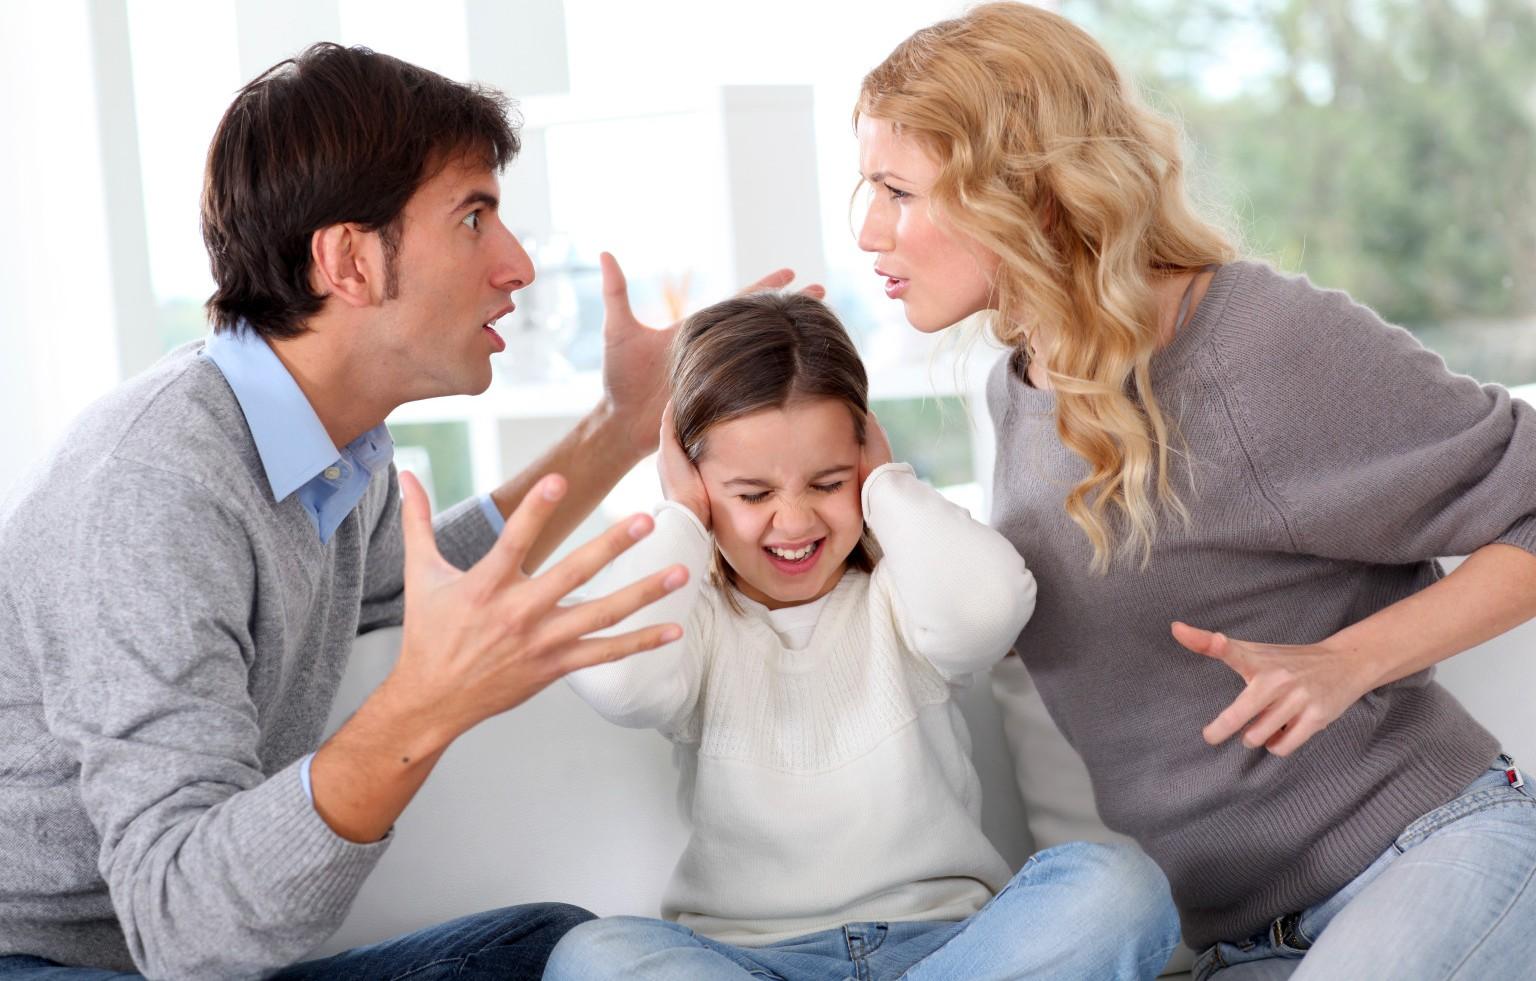 8 نصائح لتخفيف تداعيات الطلاق على الأبناء